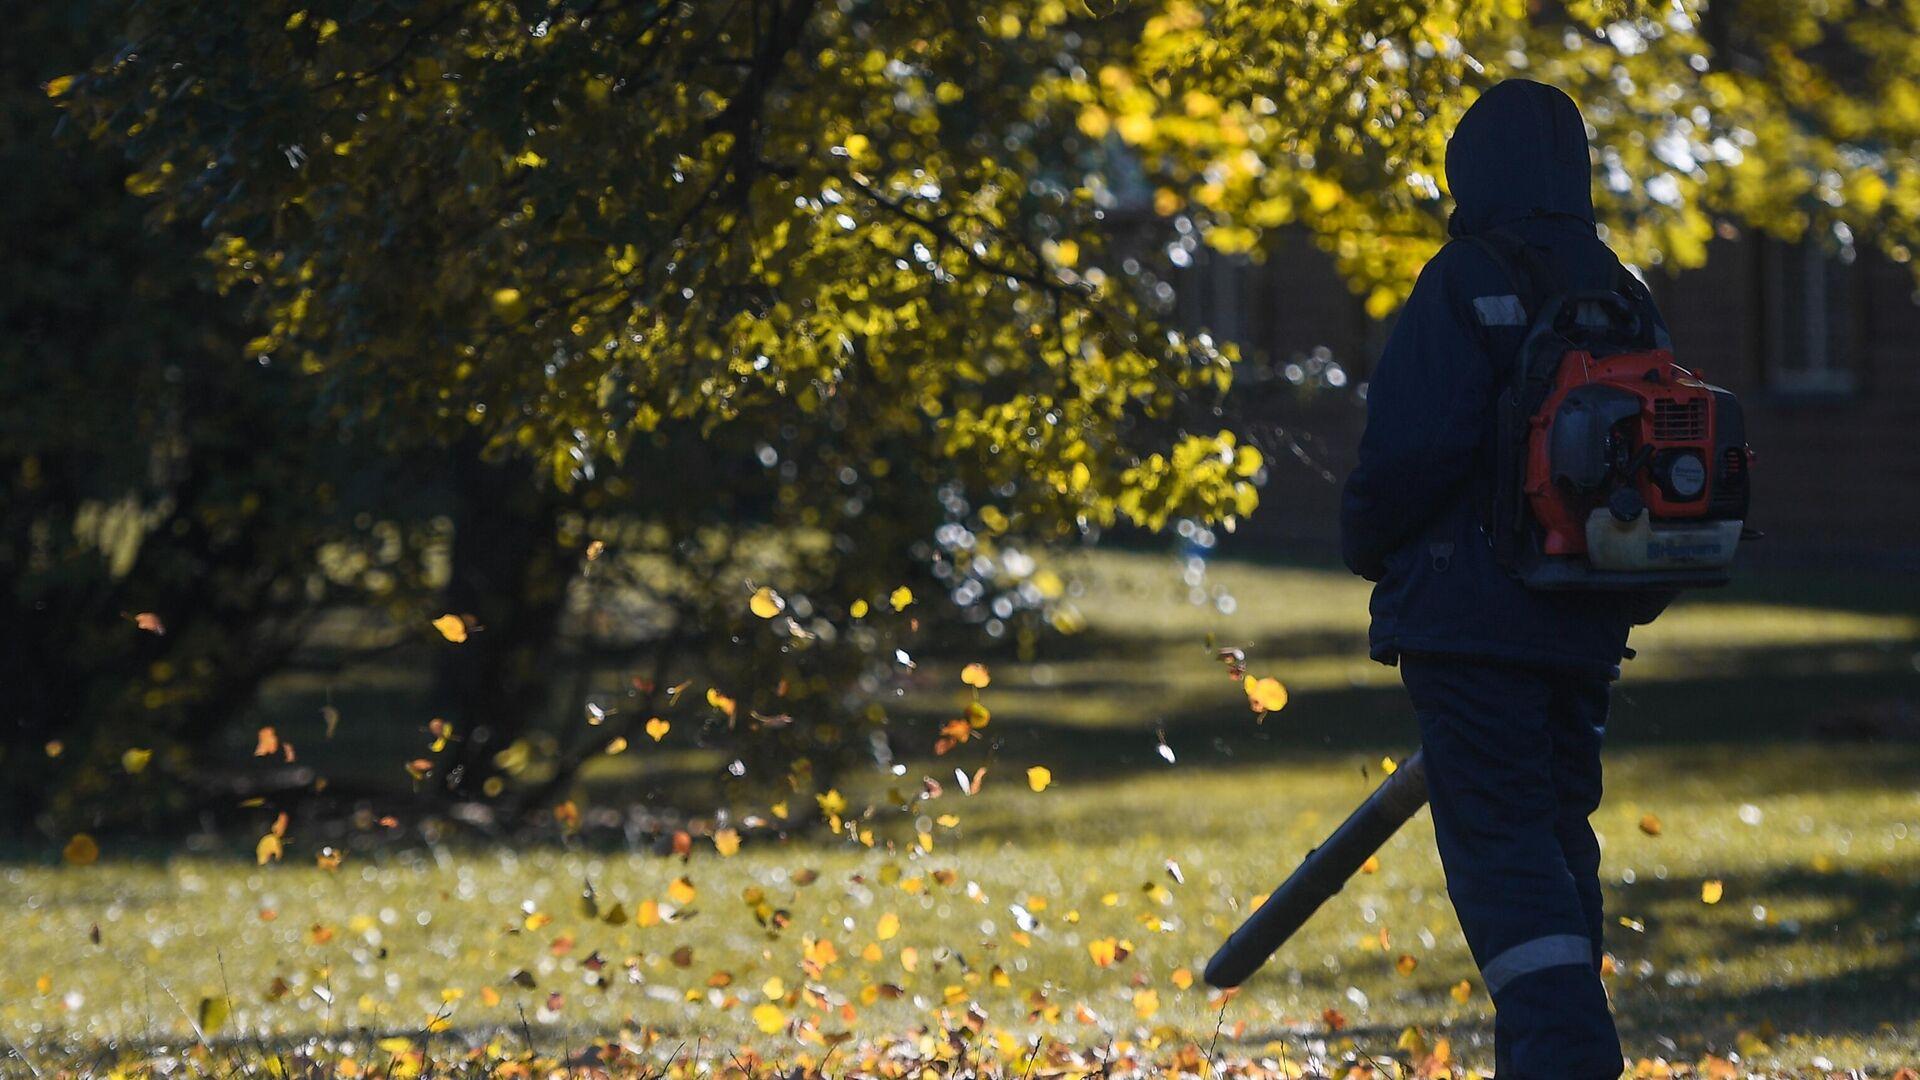 Уборка листвы в парке Царицыно в Москве - РИА Новости, 1920, 13.09.2021